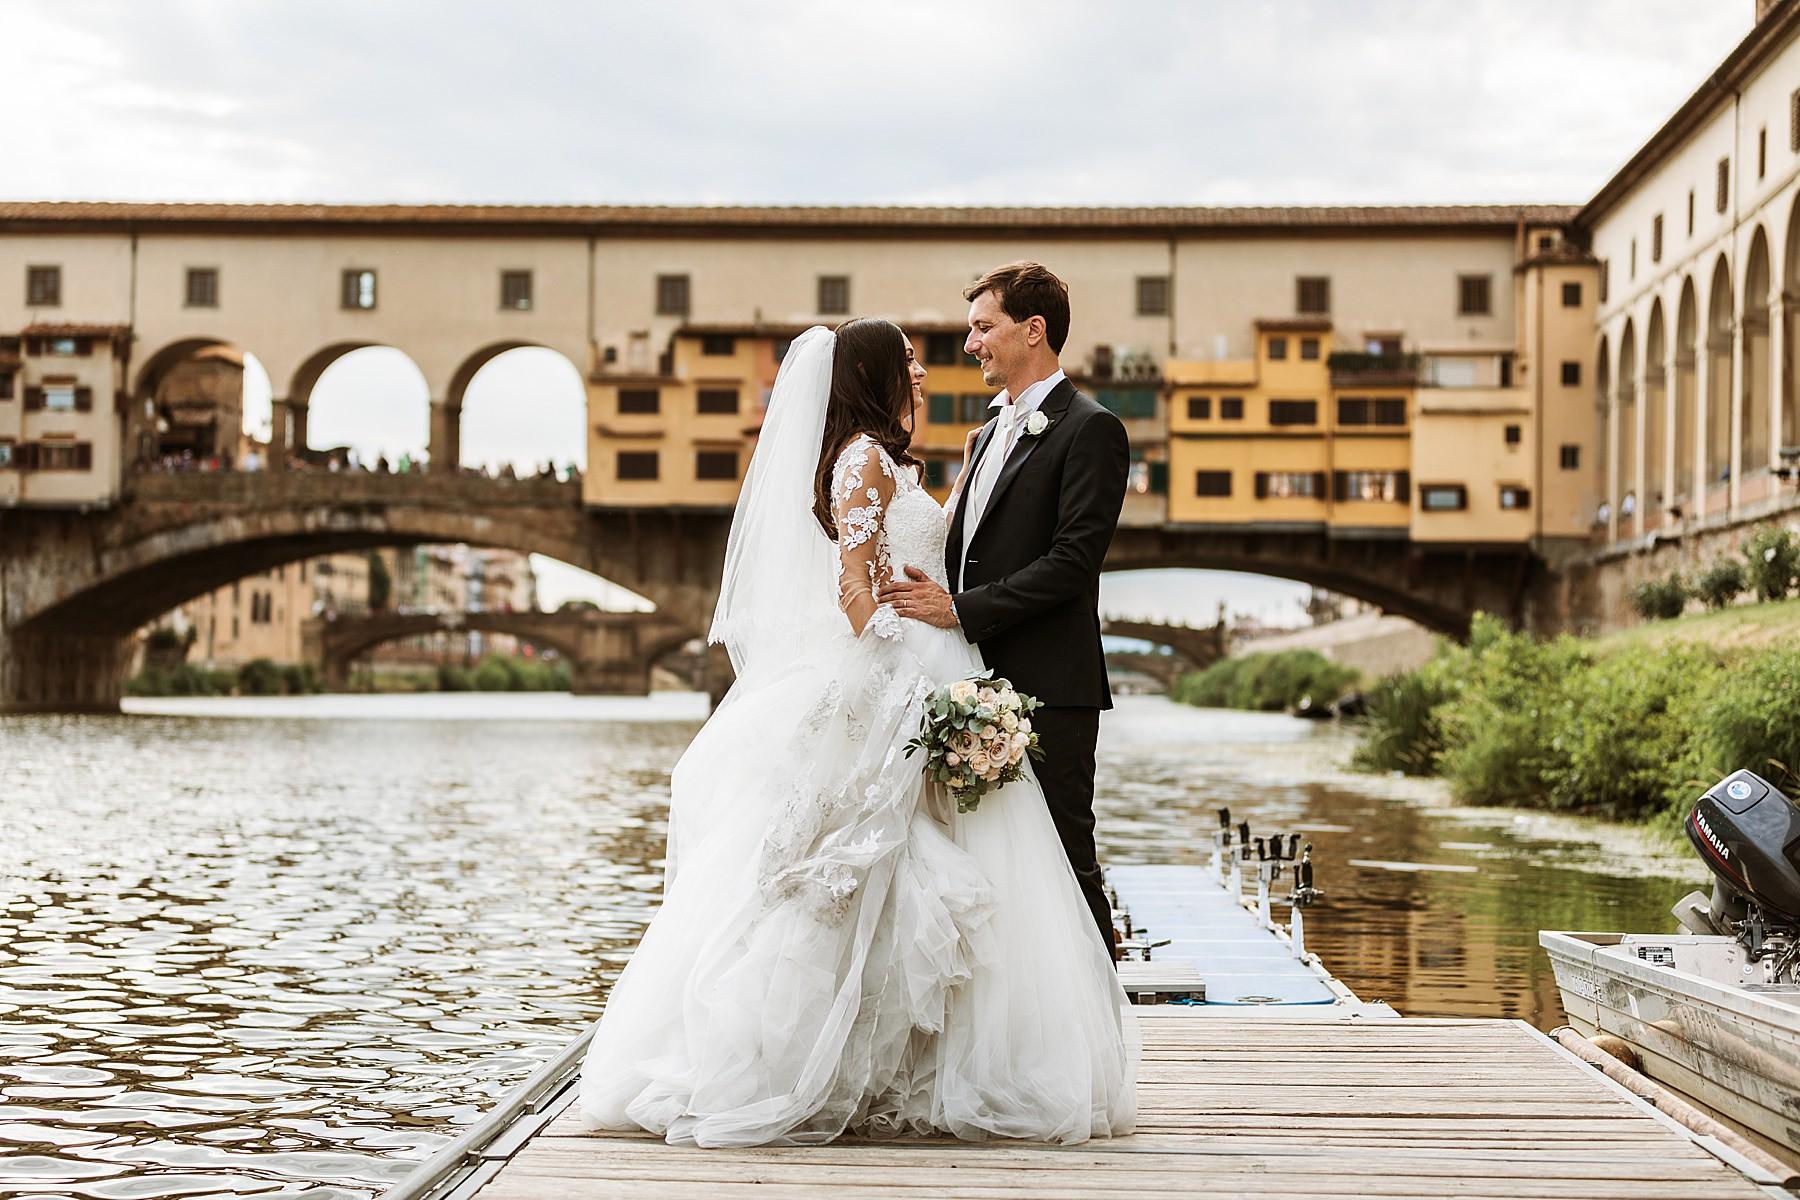 matrimonio-in-centro-a-firenze